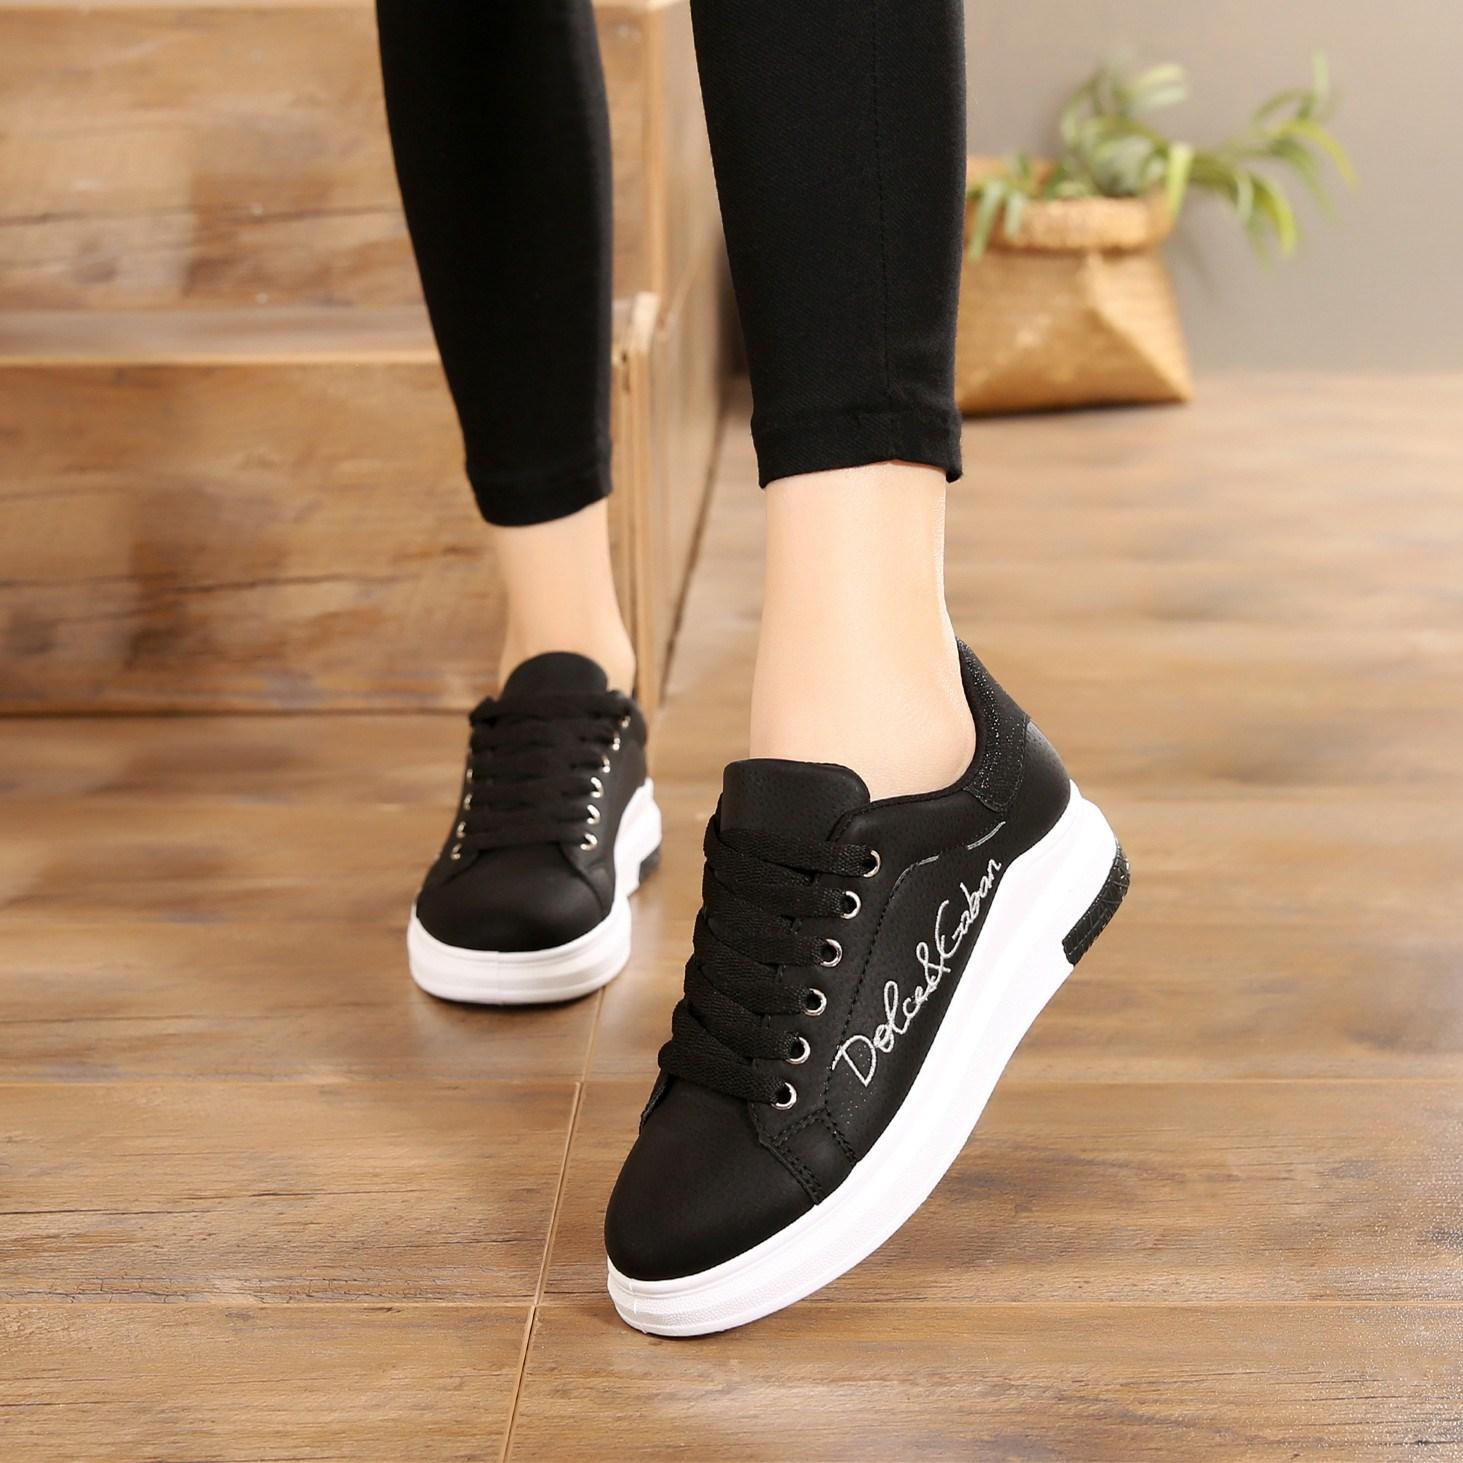 冬季皮面女鞋加绒保暖棉鞋韩版百搭潮流运动鞋休闲鞋学生平底跑步